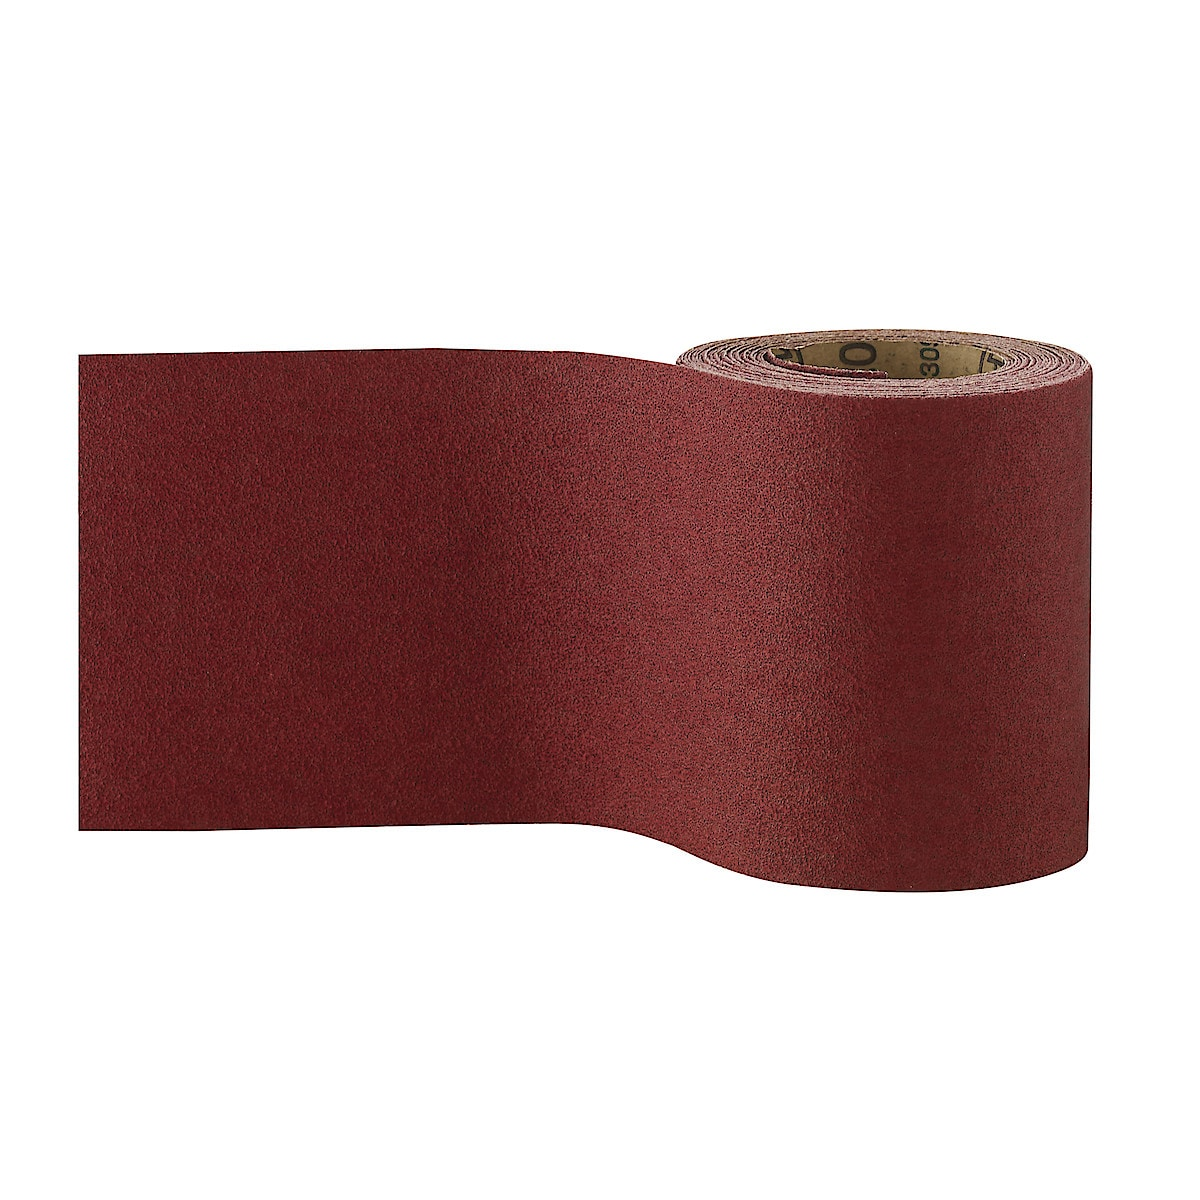 Slipepapir med aluminiumoksid, 93 mm